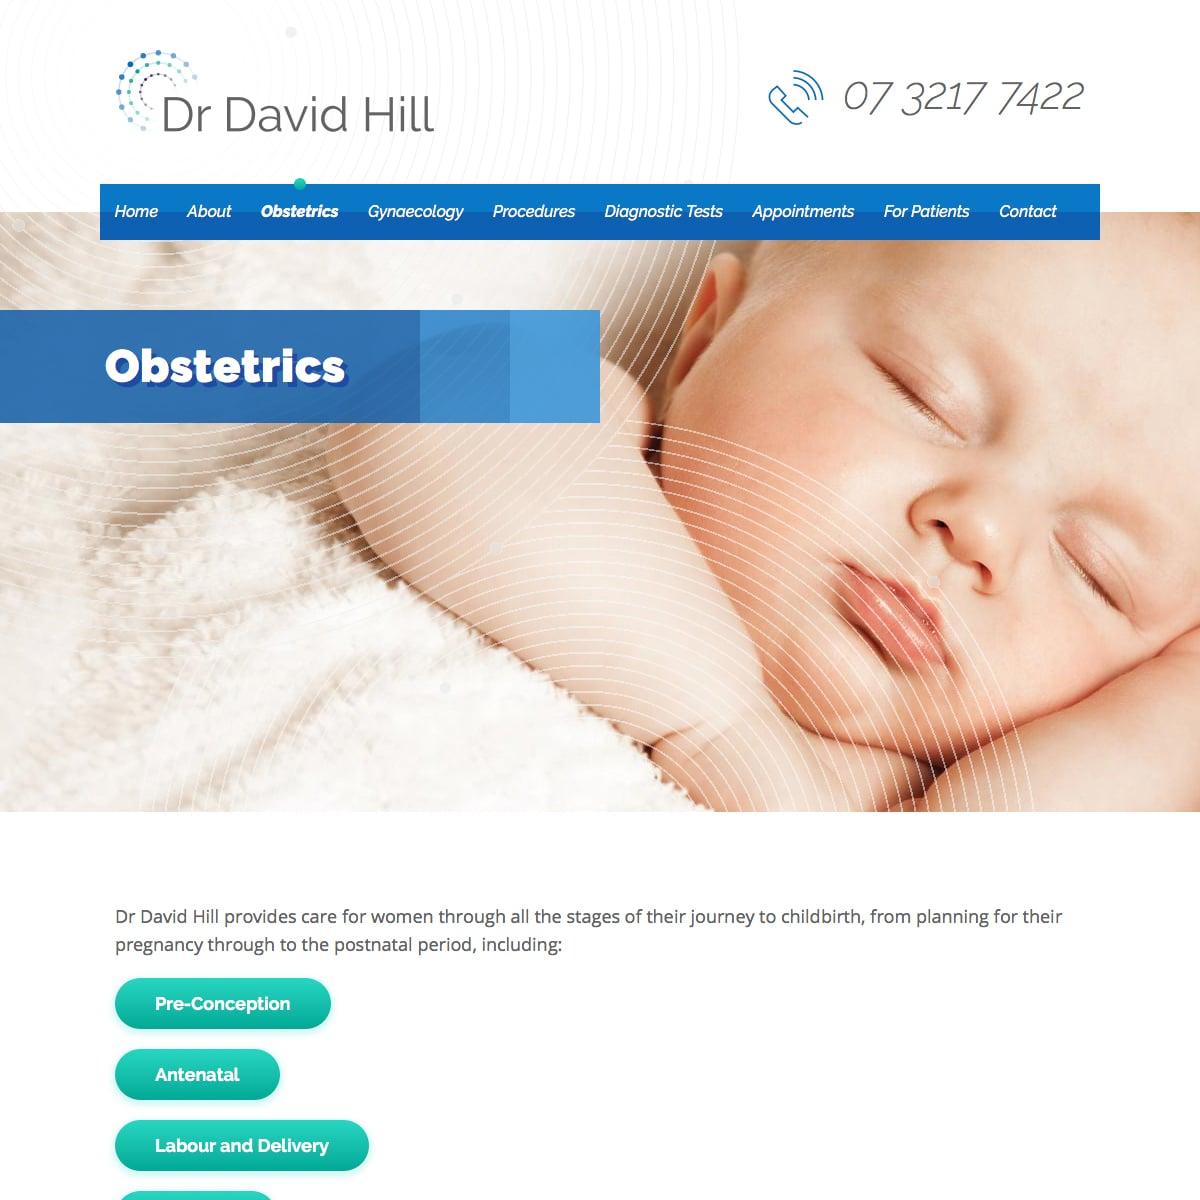 Dr David Hill - Obstetrics